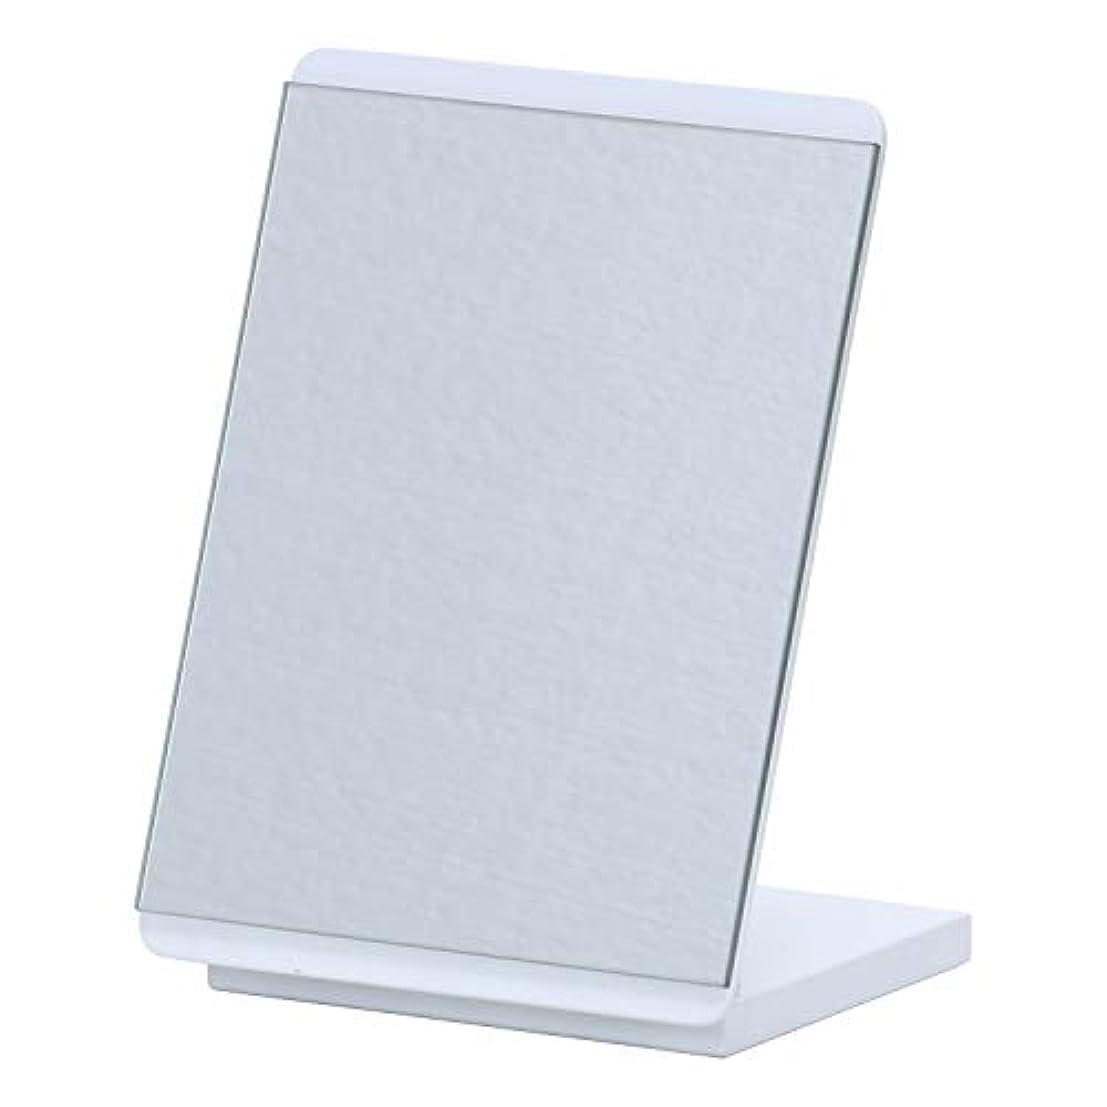 乳剤監督する賞賛する不二貿易(Fujiboeki) ミラー ホワイト 幅16×高さ22cm カラーミラー 卓上 ロセット 14426